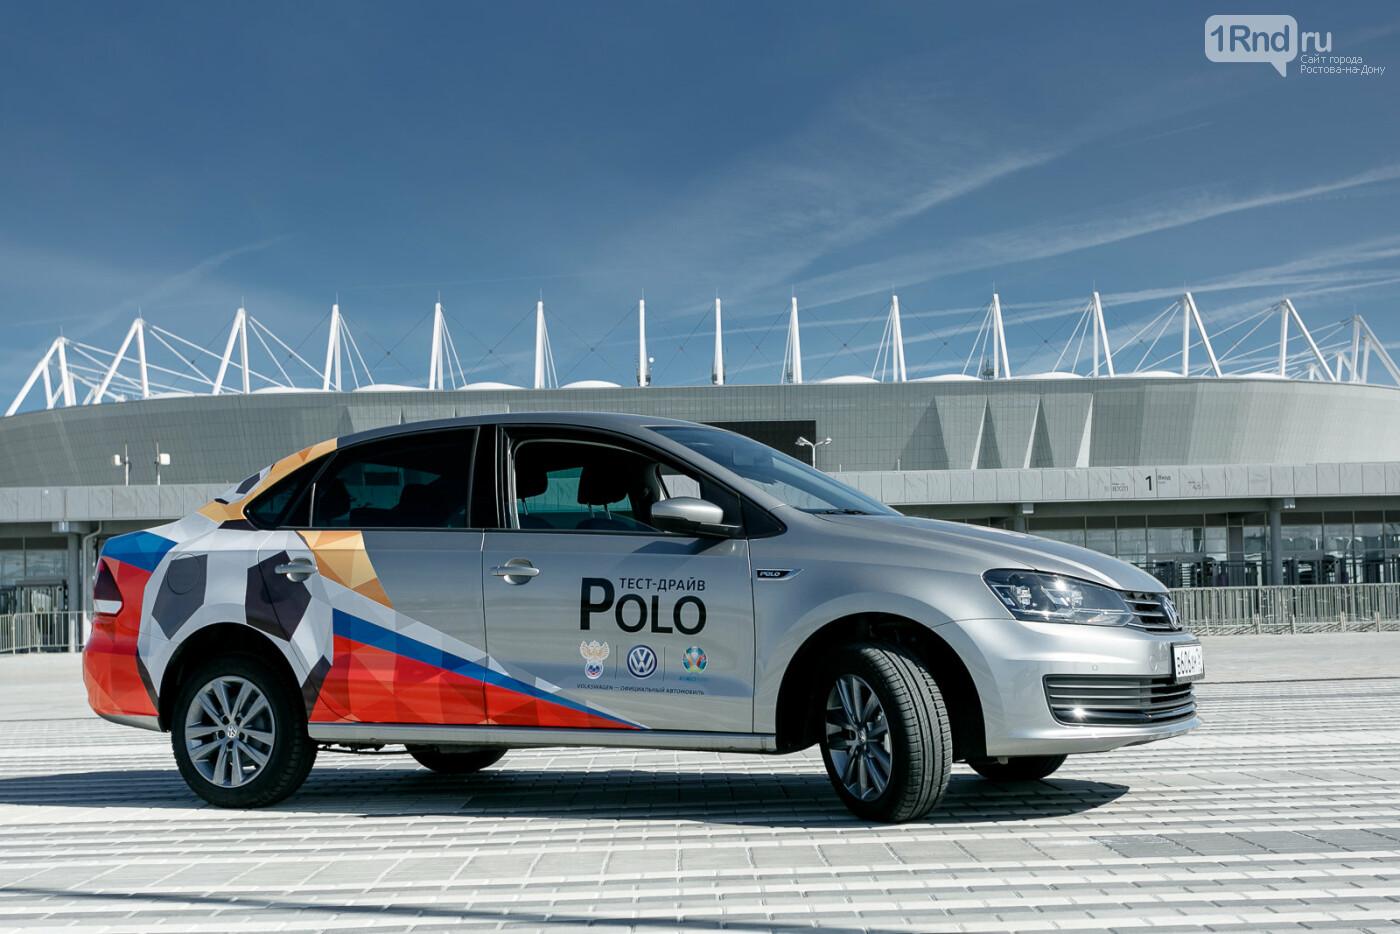 Тест-драйв Volkswagen Polo: узнай, причем здесь футбол, фото-21